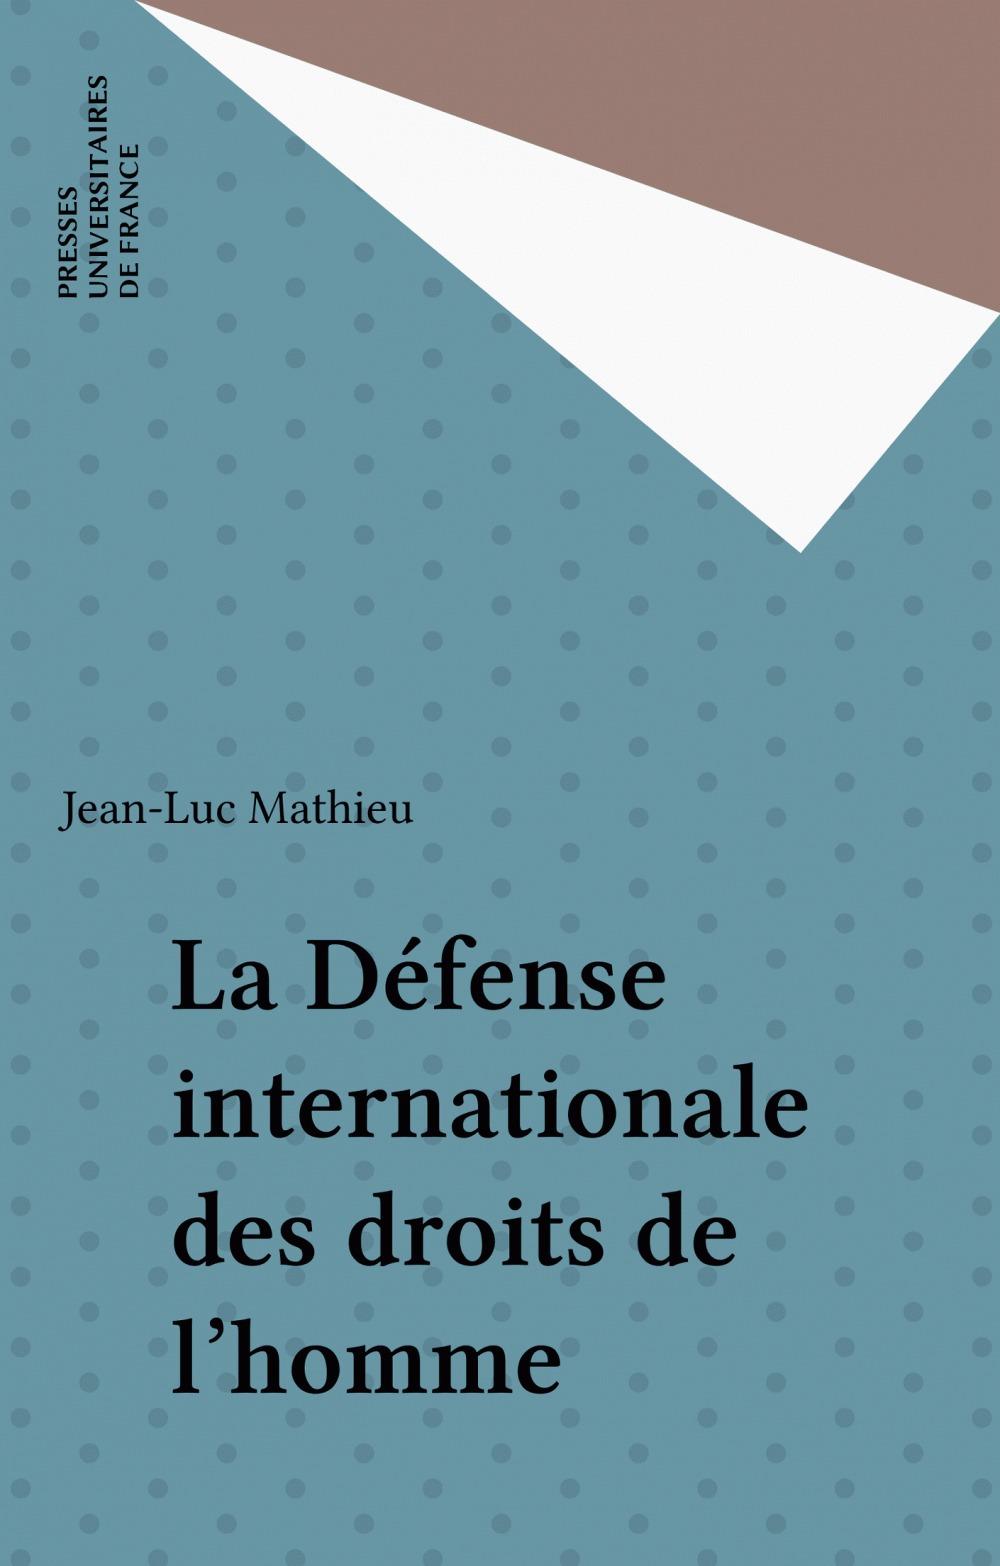 La defense internationale des droits de l'homme